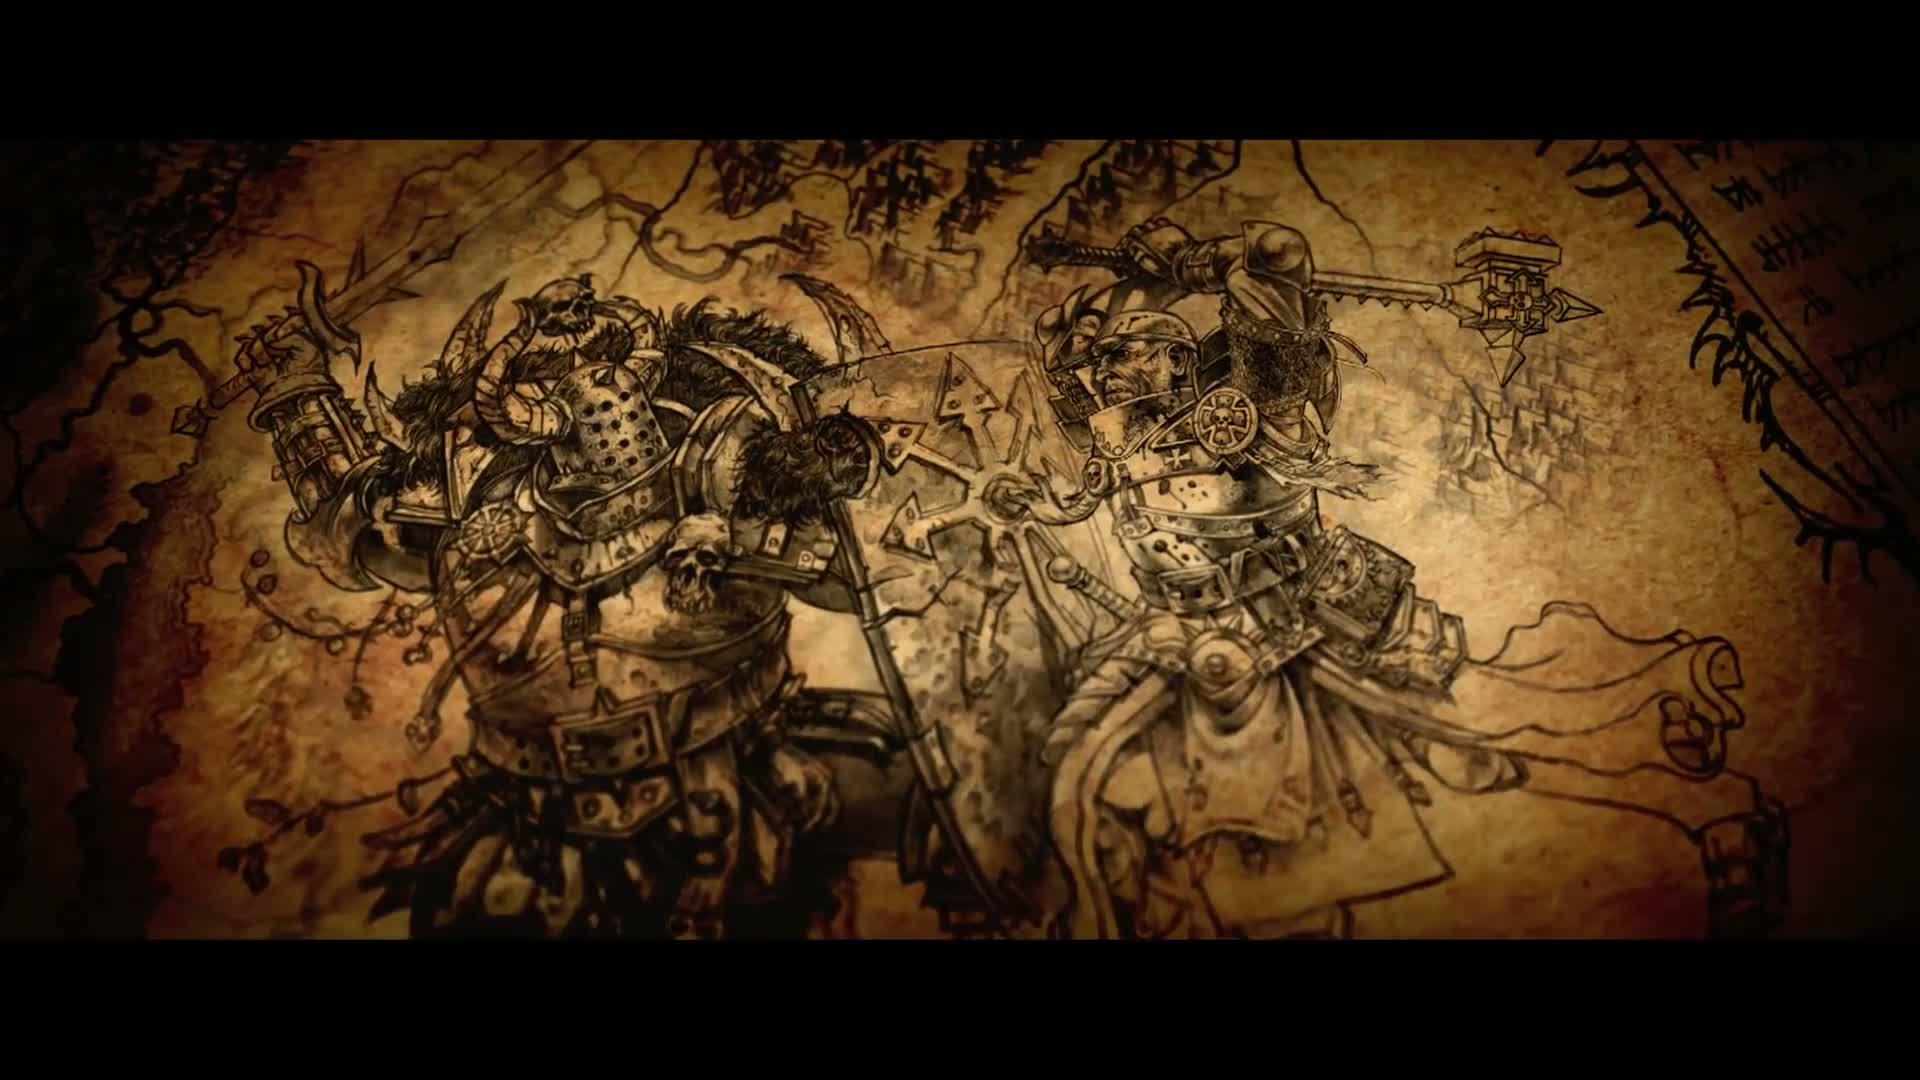 Total War Warhammer Wallpaper Hd Total War Warhammer In Engine Trailer Karl Franz Of